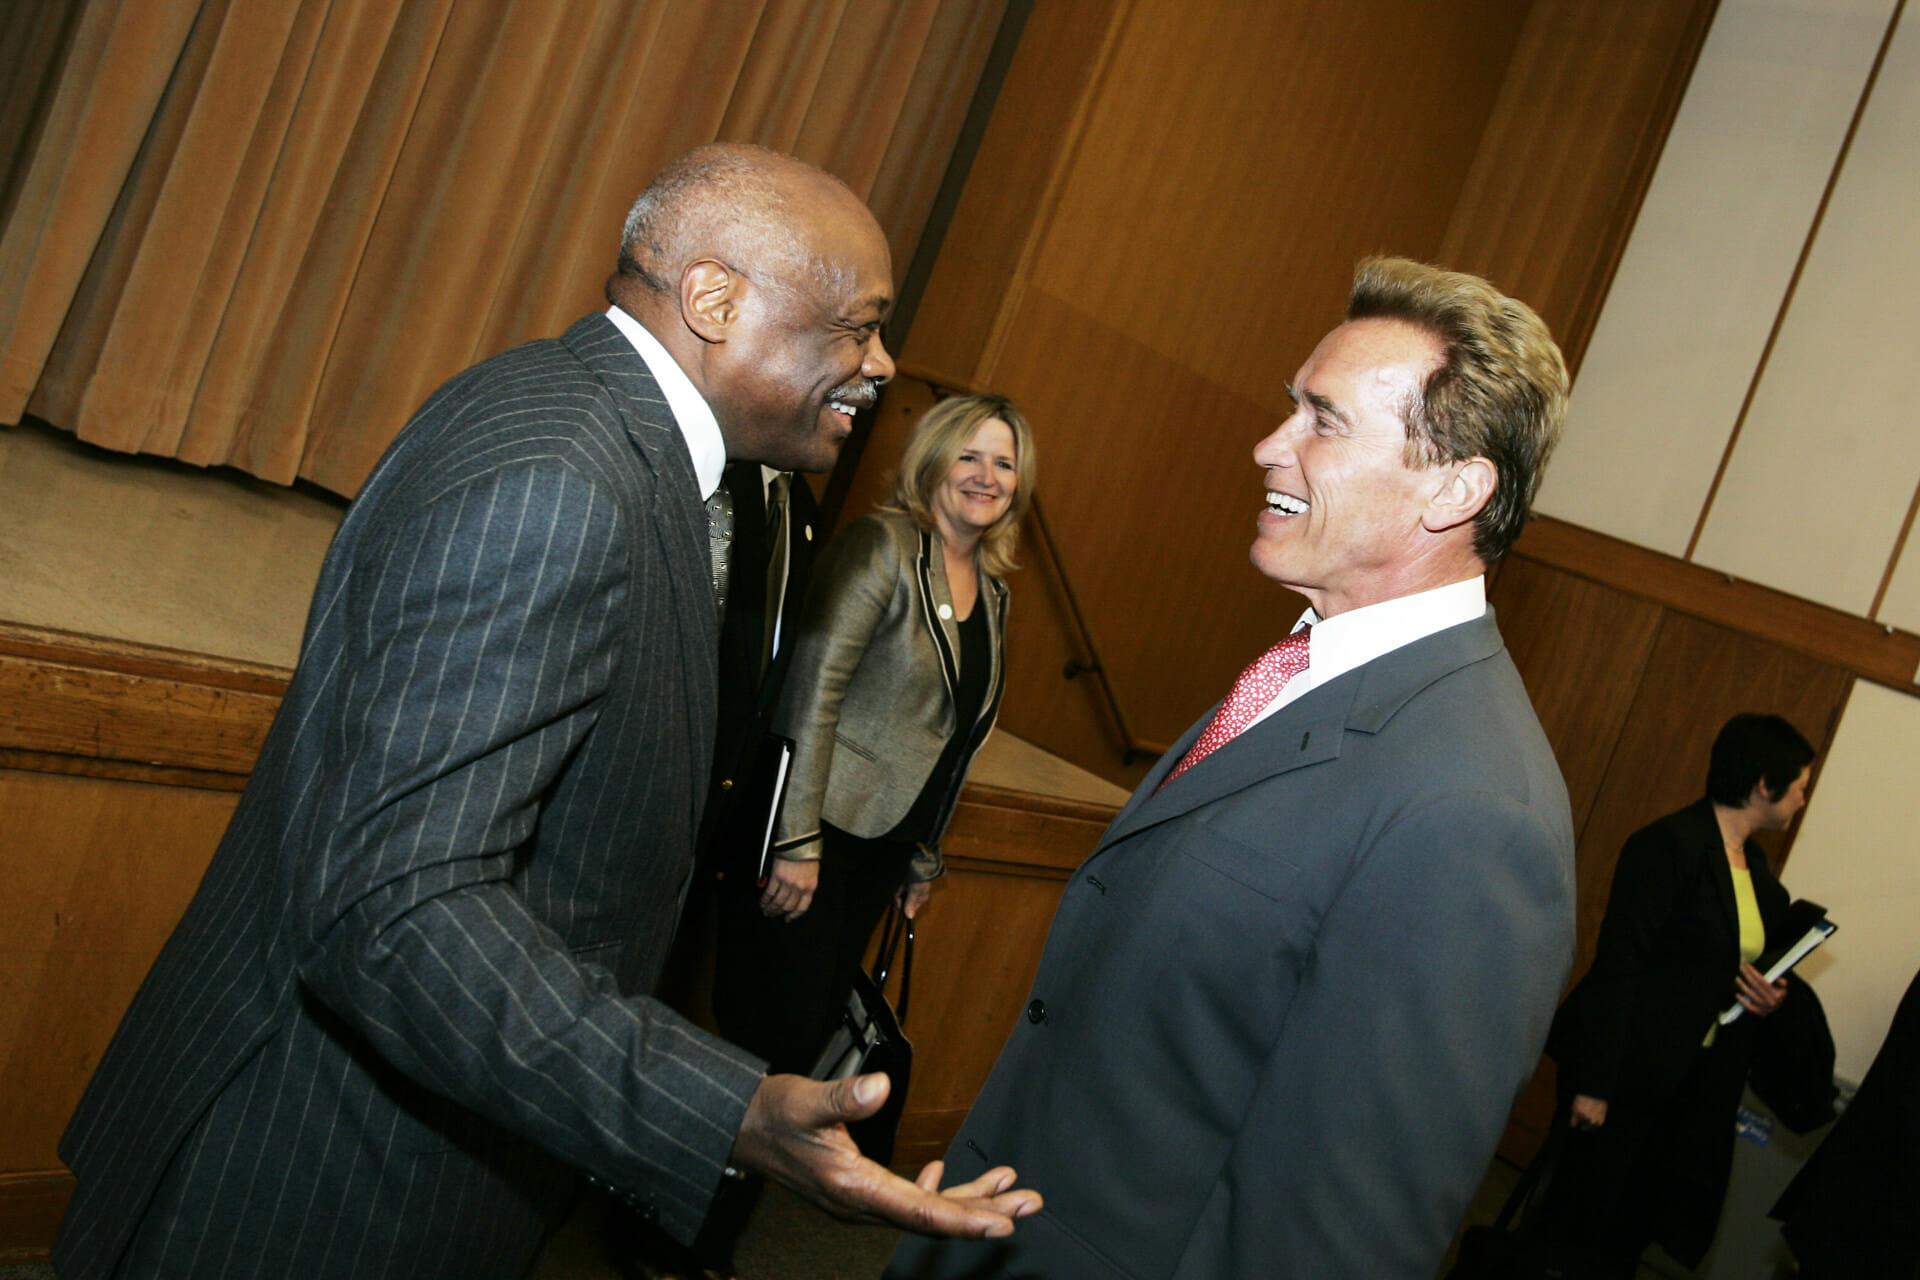 Governor Arnold Schwarzenegger @ PG&E Auditorium, San Francisco, CA, USA